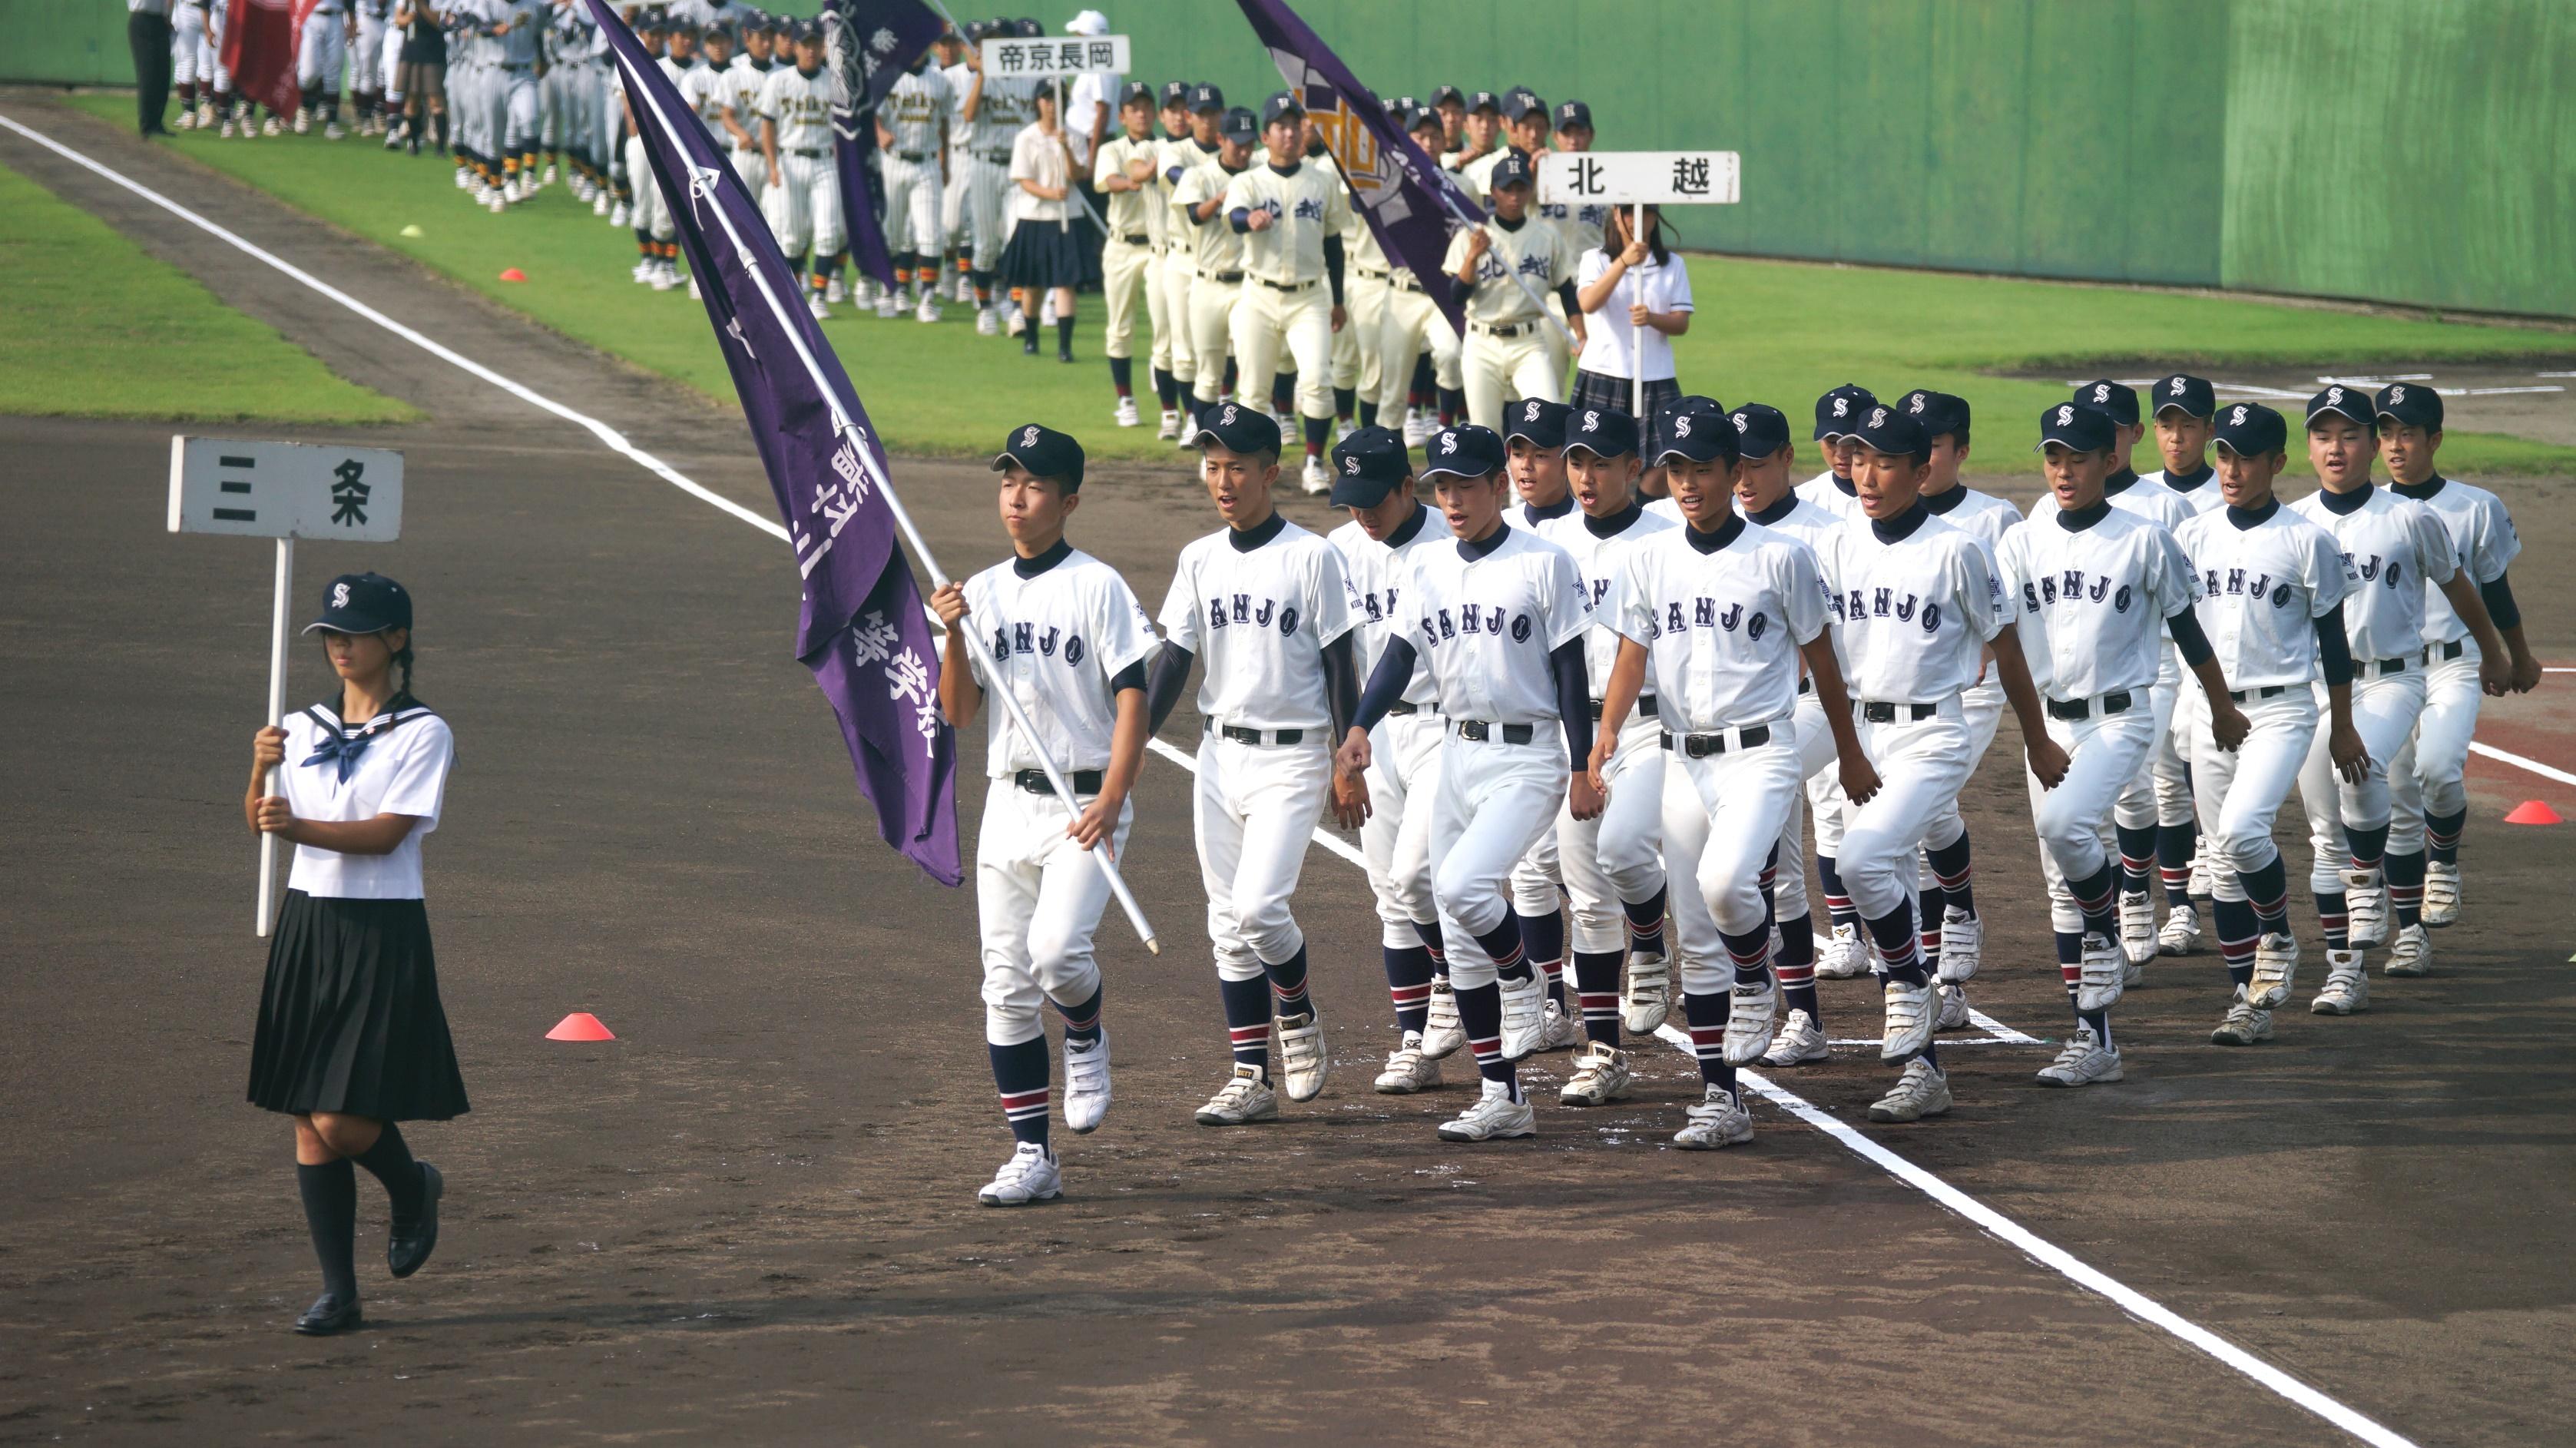 新潟野球ドットコム | 新潟県に関する野球情報を追 …